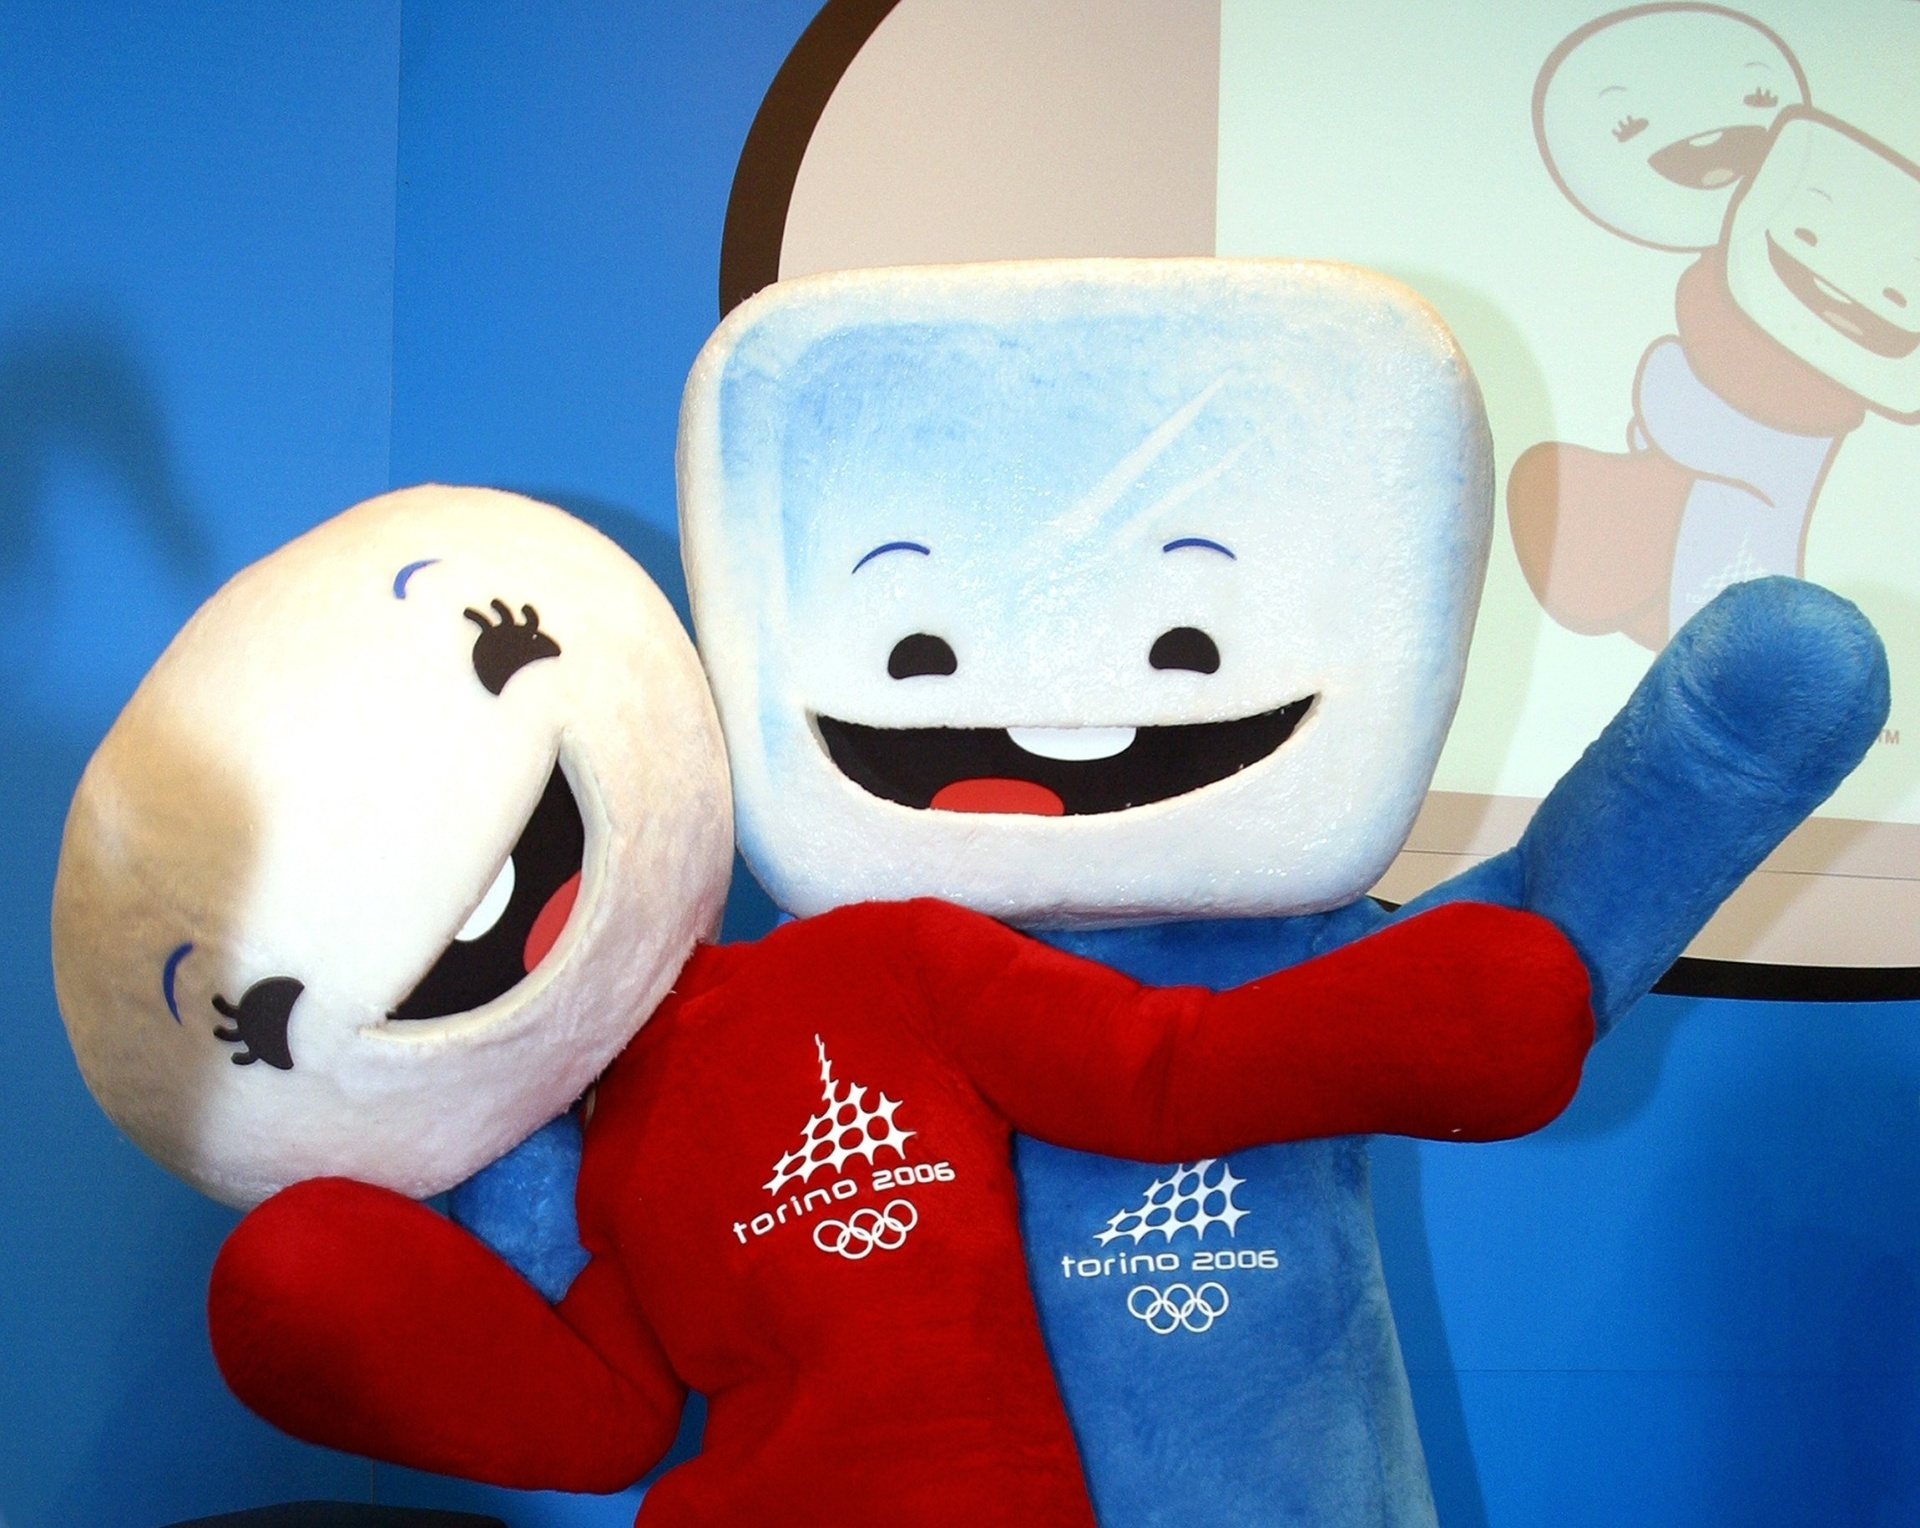 28.set.2004 - Neve e Gliz, representando respectivamente uma bola de neve e um bloco de gelo, são apresentados como mascotes da Olimpíada de Inverno de Turim-2006